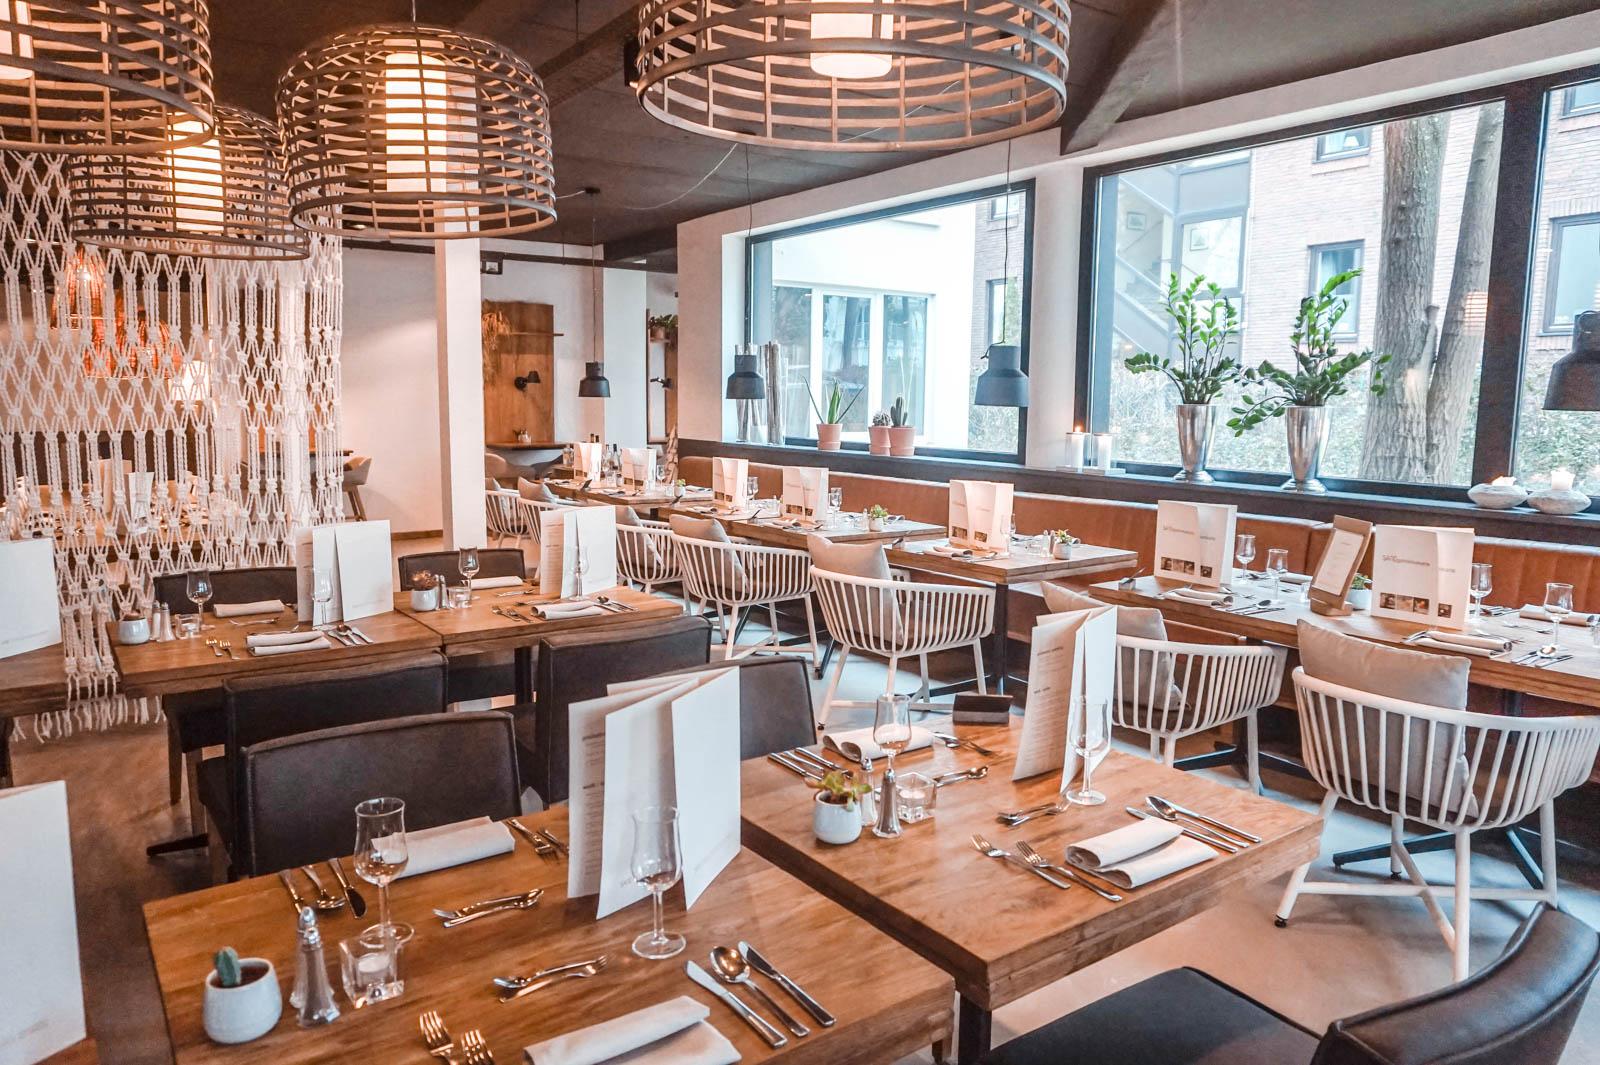 SANDkulinarium im Lifestyle-Hotel SAND am Timmendorfer Strand